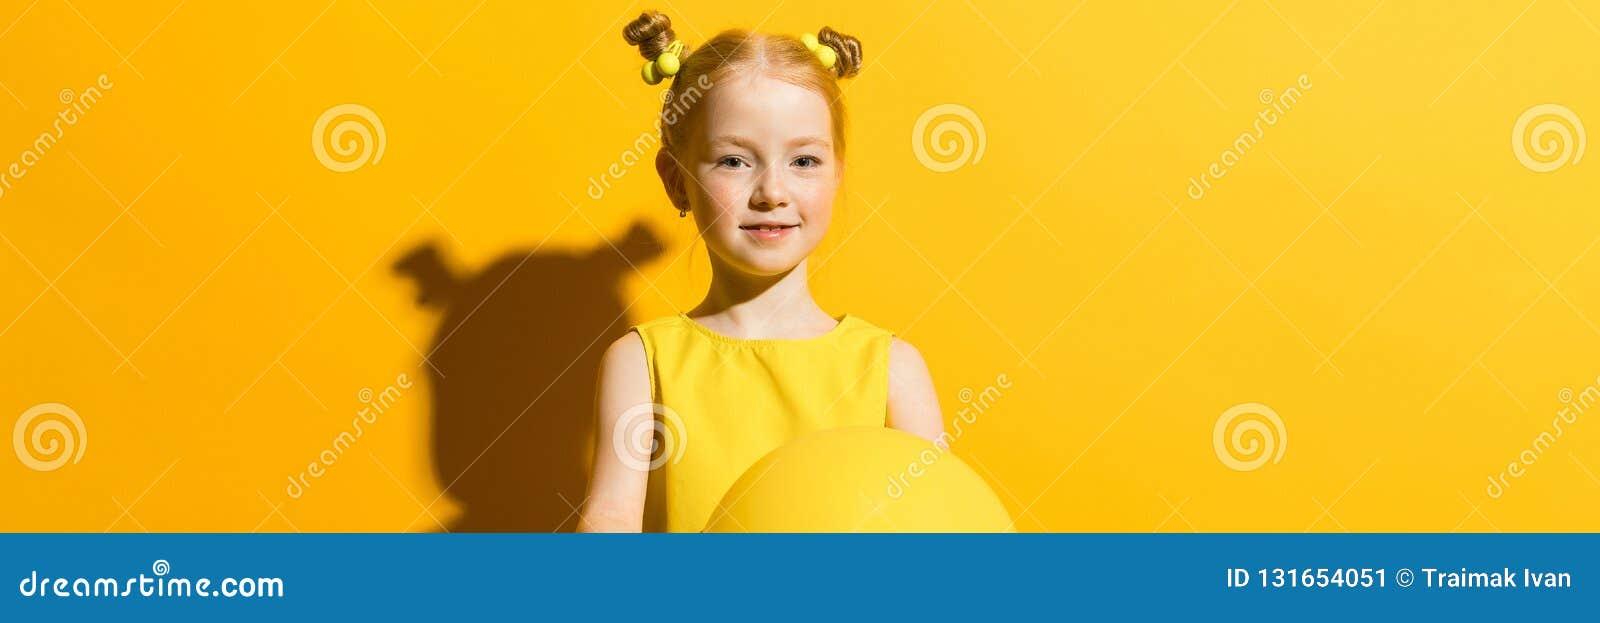 Meisje met rood haar op een gele achtergrond Het meisje houdt een gele luchtballon